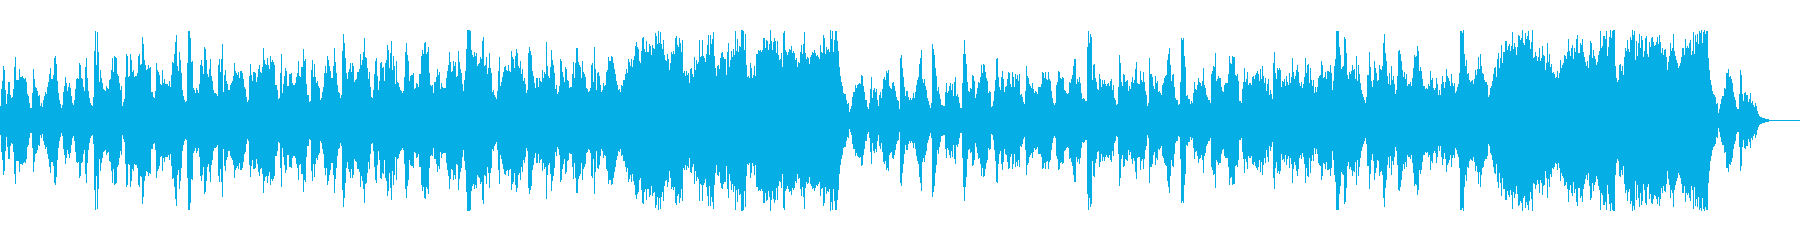 優雅で上品で落ち着いているワルツ曲の再生済みの波形